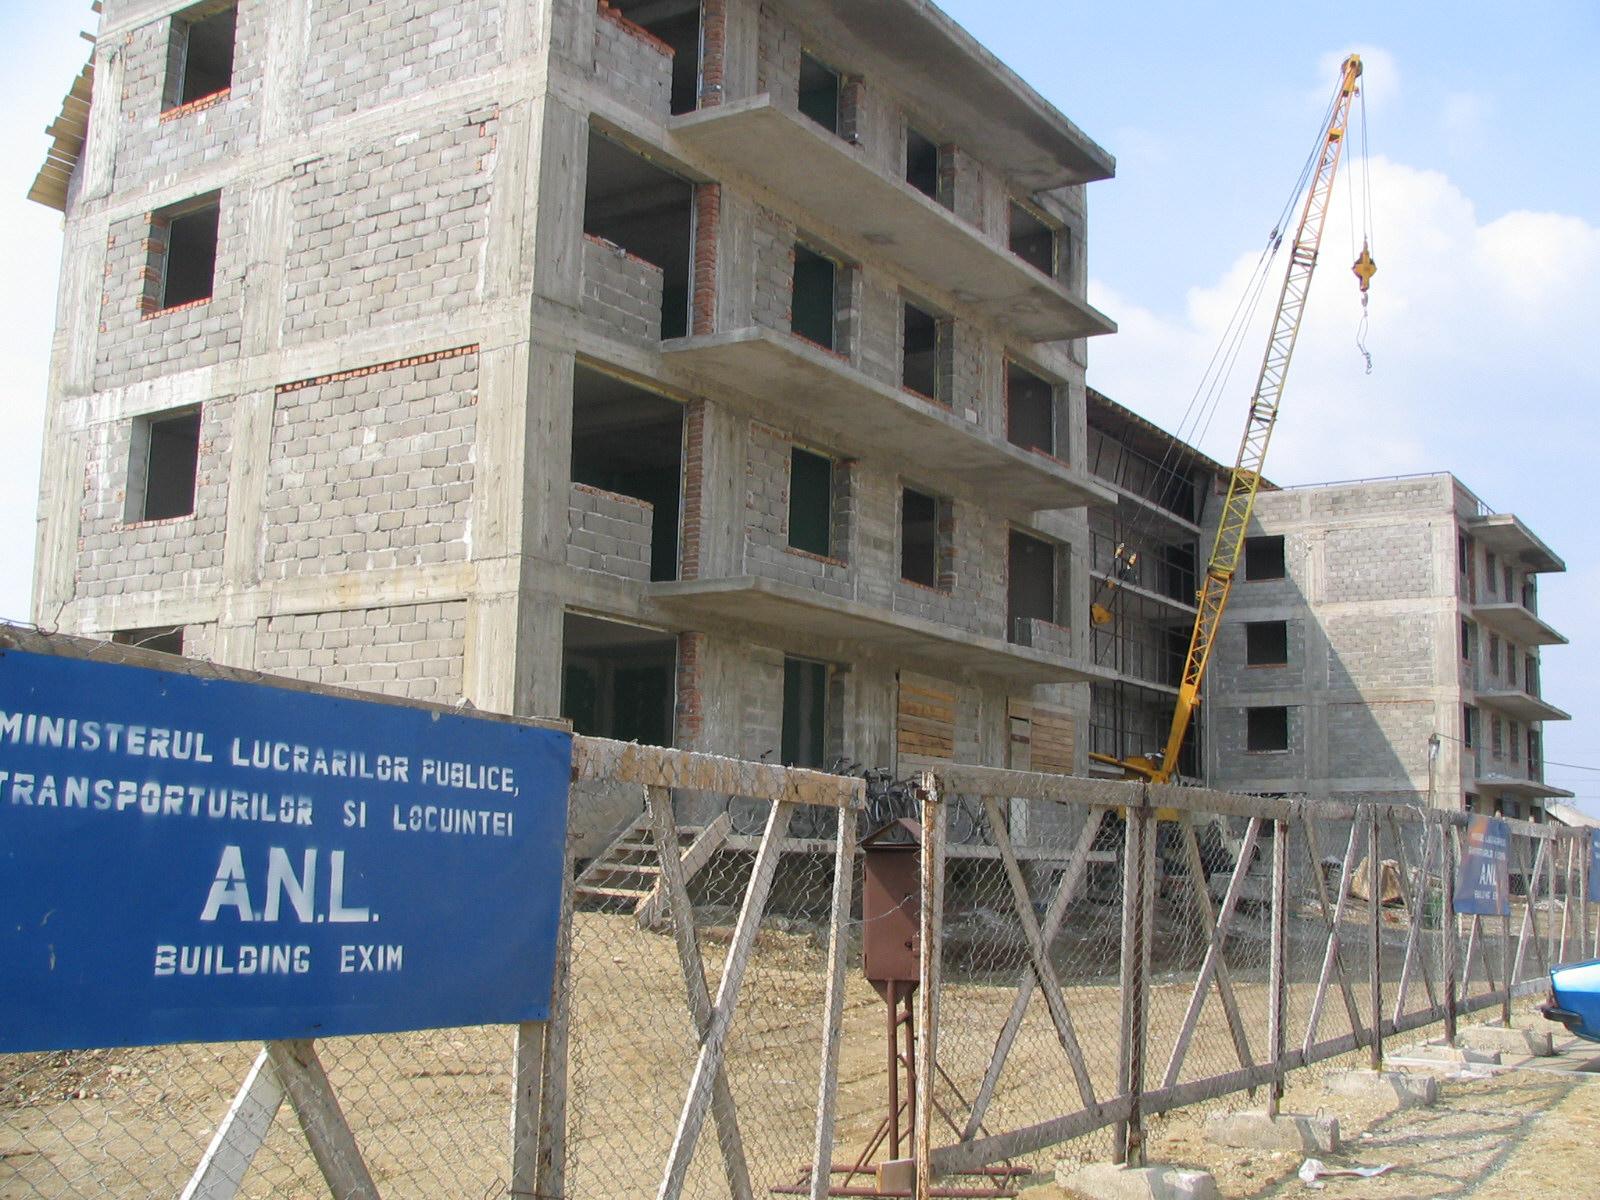 Mehedinți: Tot mai mulți tineri vor locuințe tip ANL la Severin